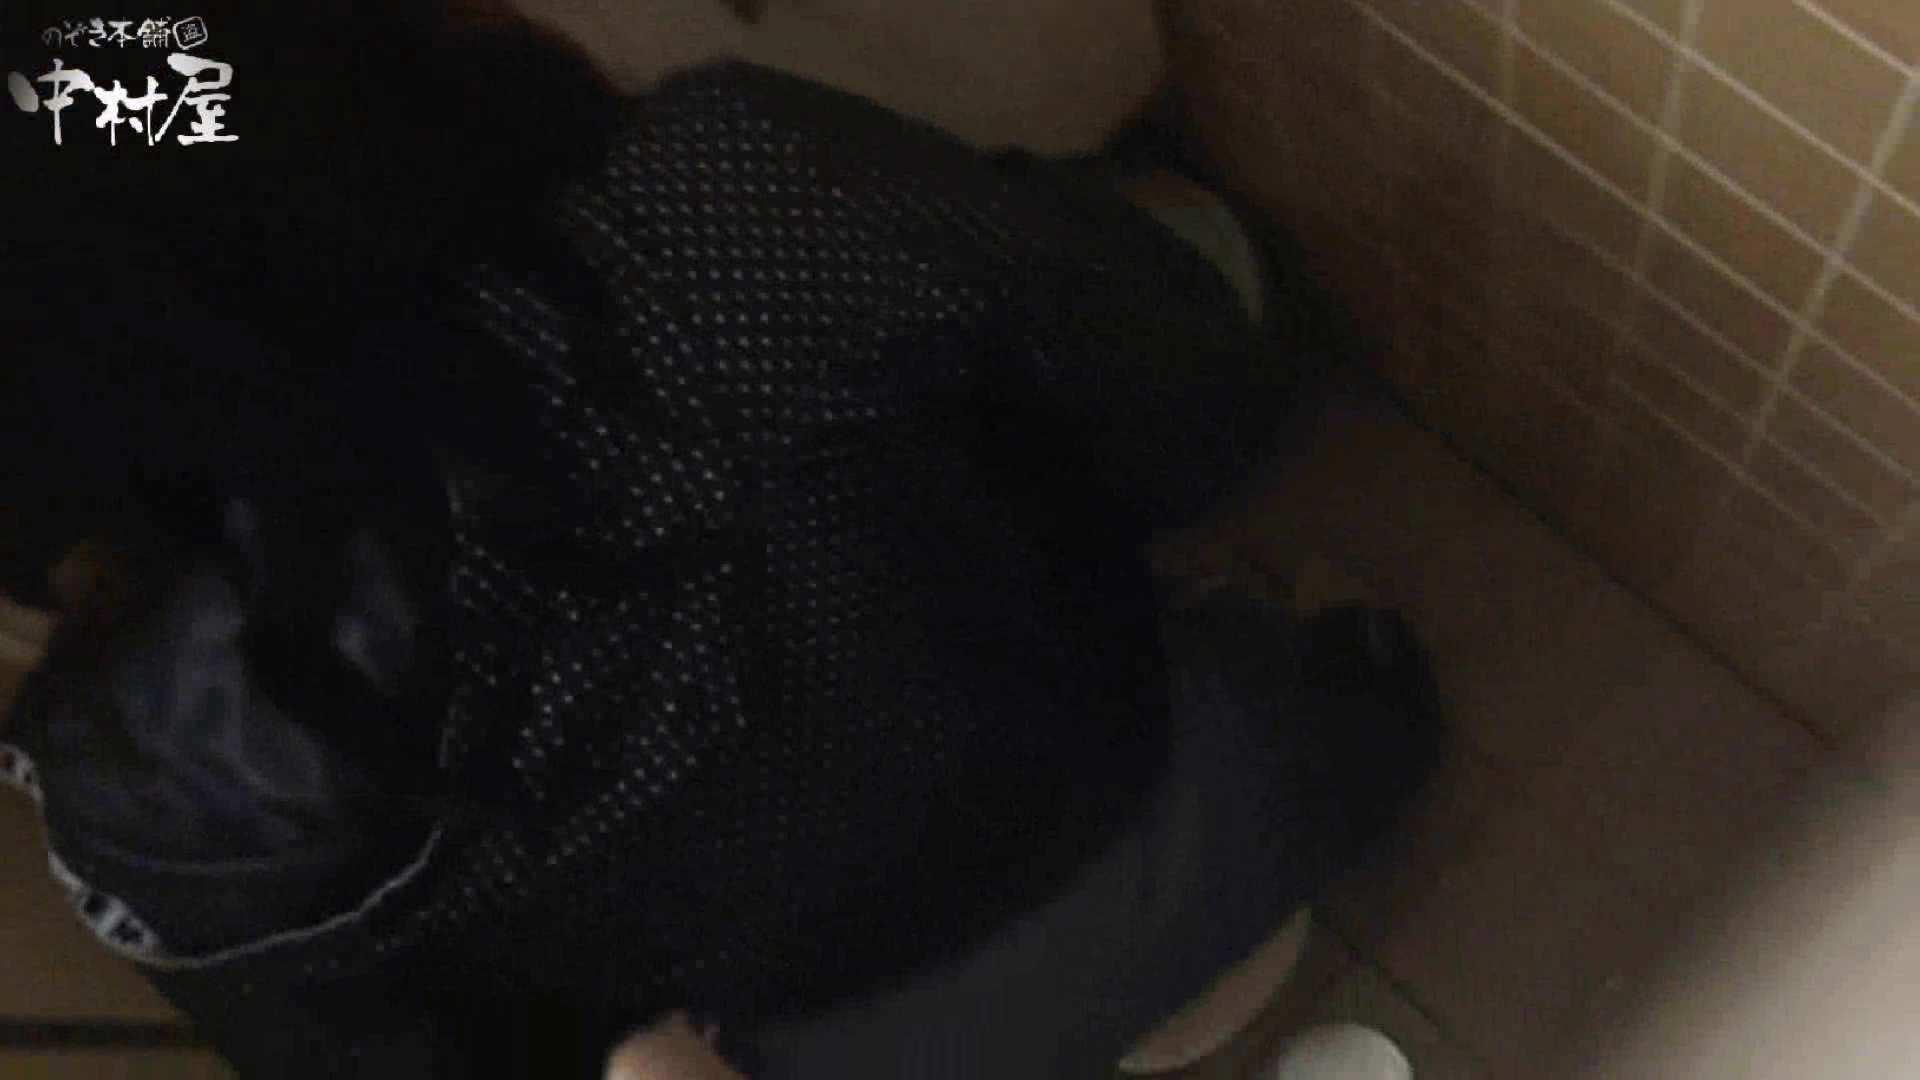 部活女子トイレ潜入編vol.5 盗撮師作品 セックス画像 107pic 103